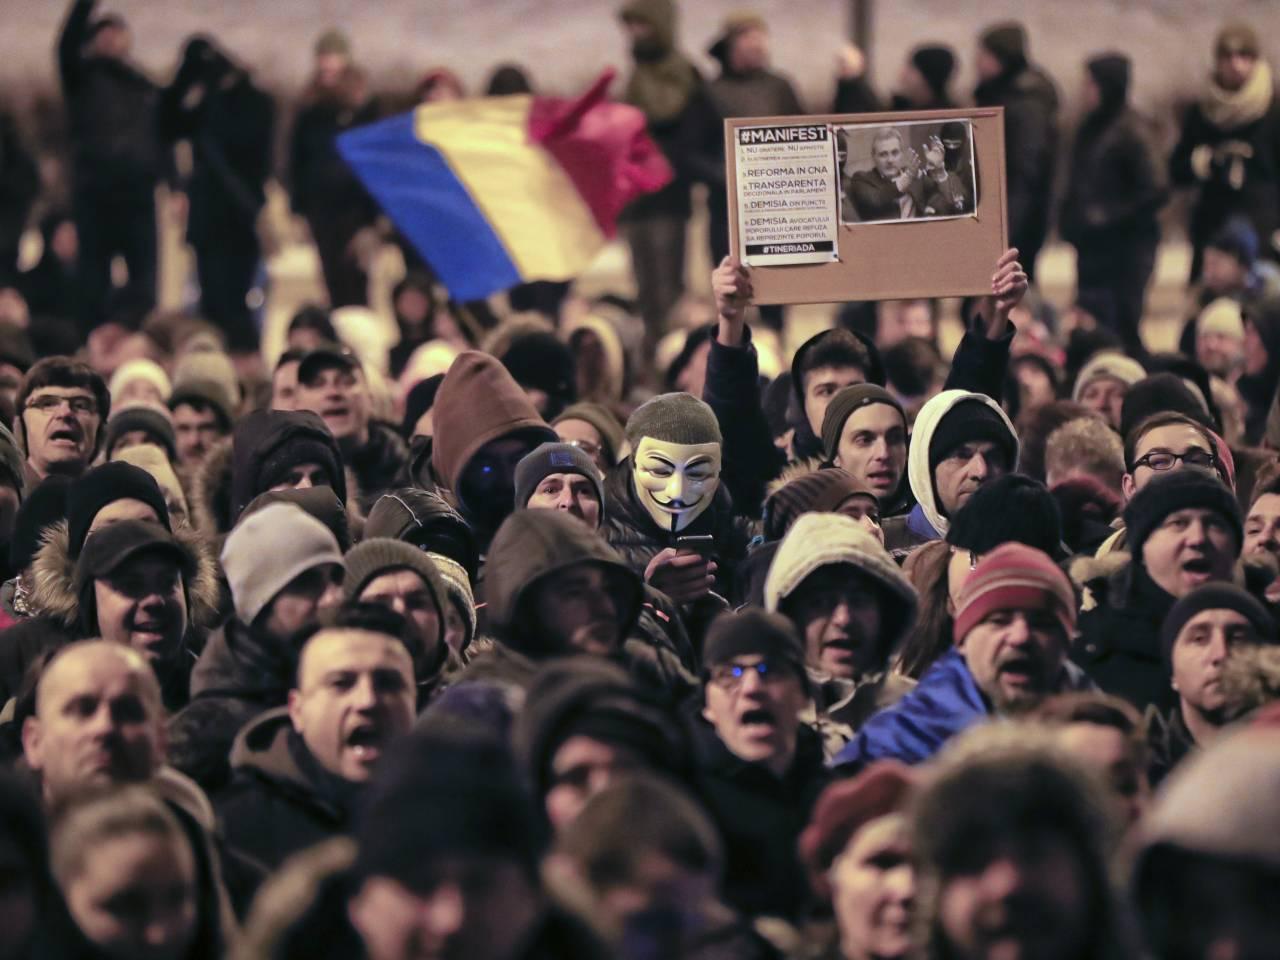 Corruzione e proteste in Romania